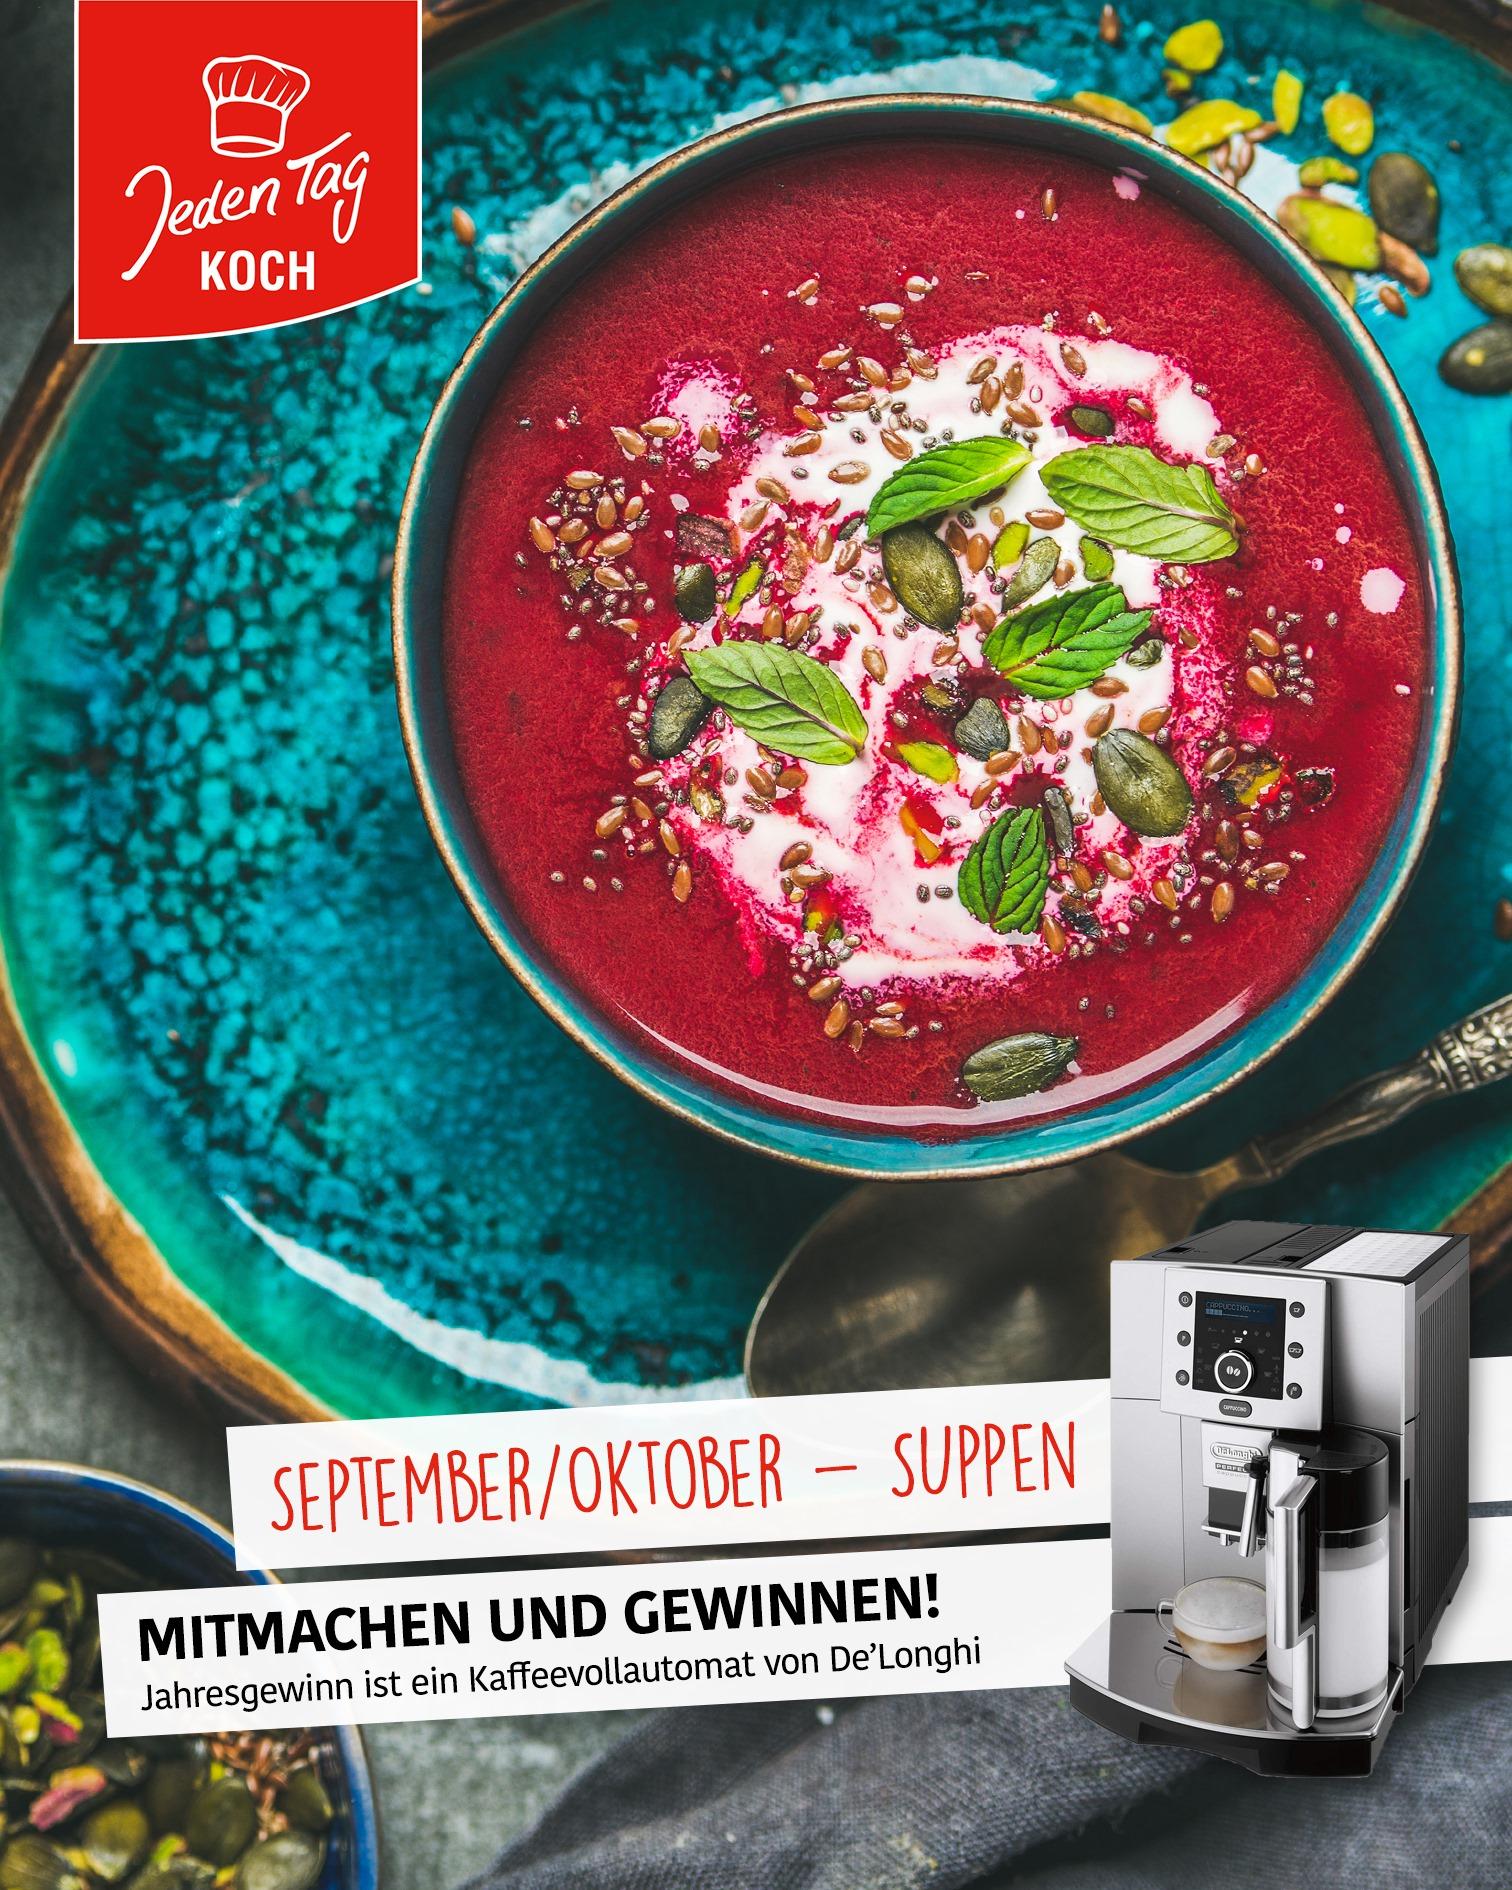 Jeden Tag Suppen-Gewinnspiel September/Oktober 2020